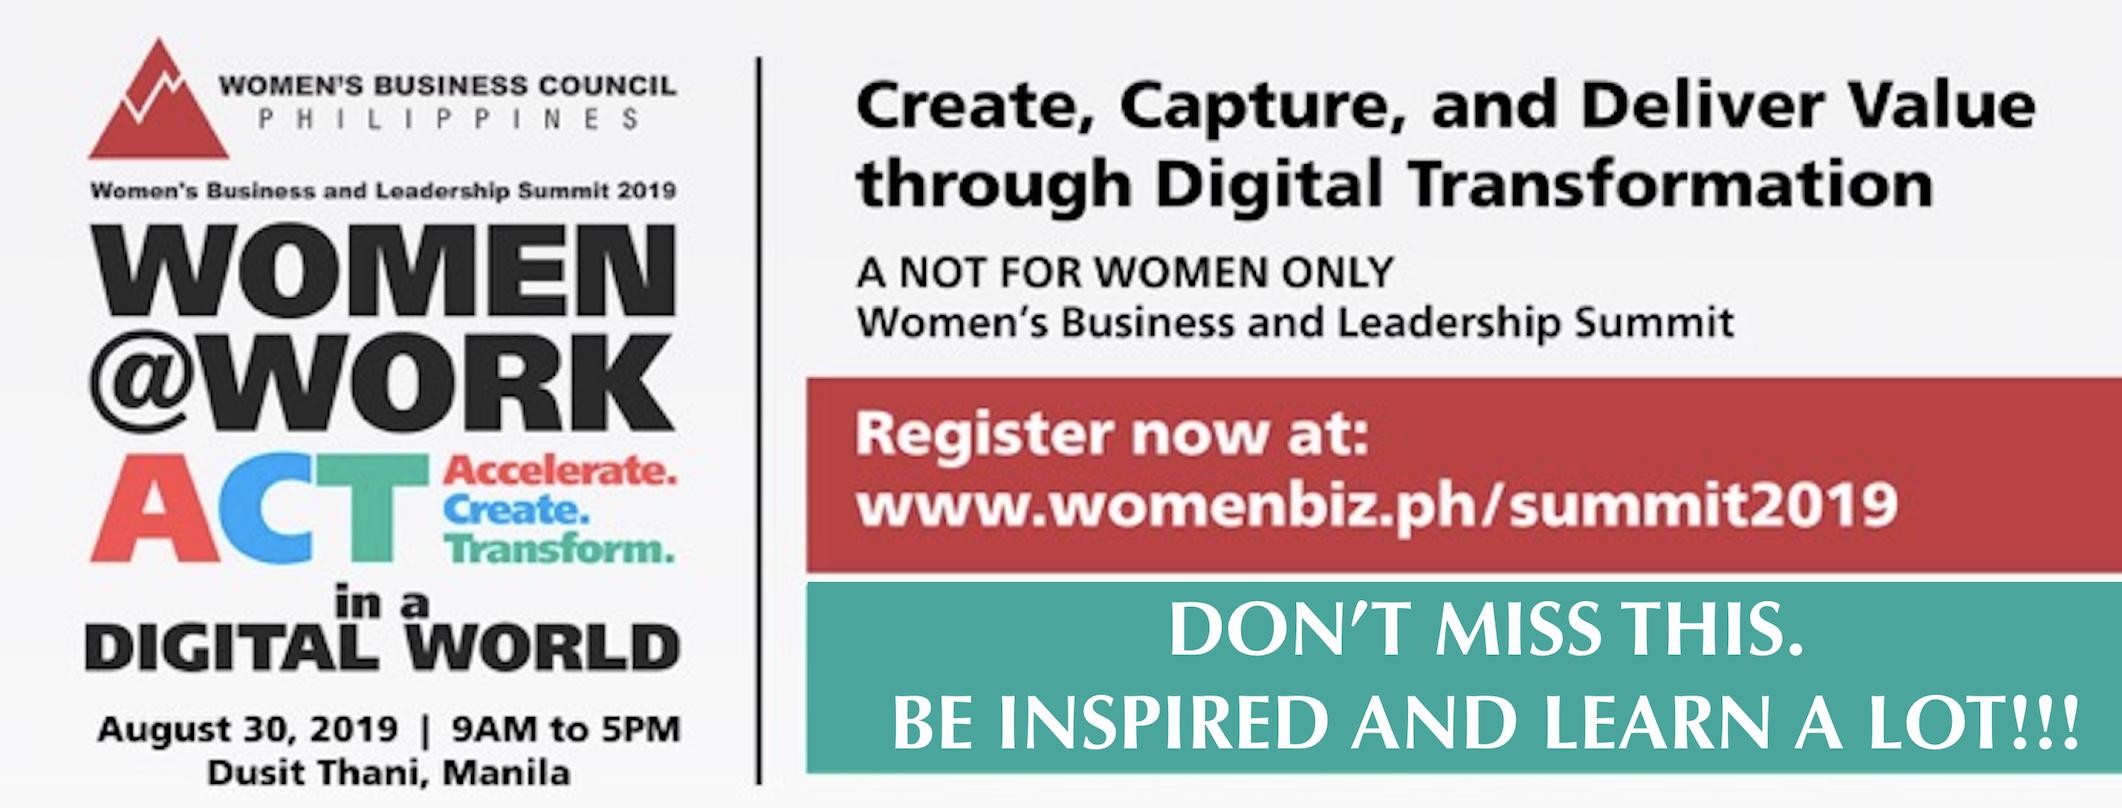 WomenBiz Summit 2019 set August 30